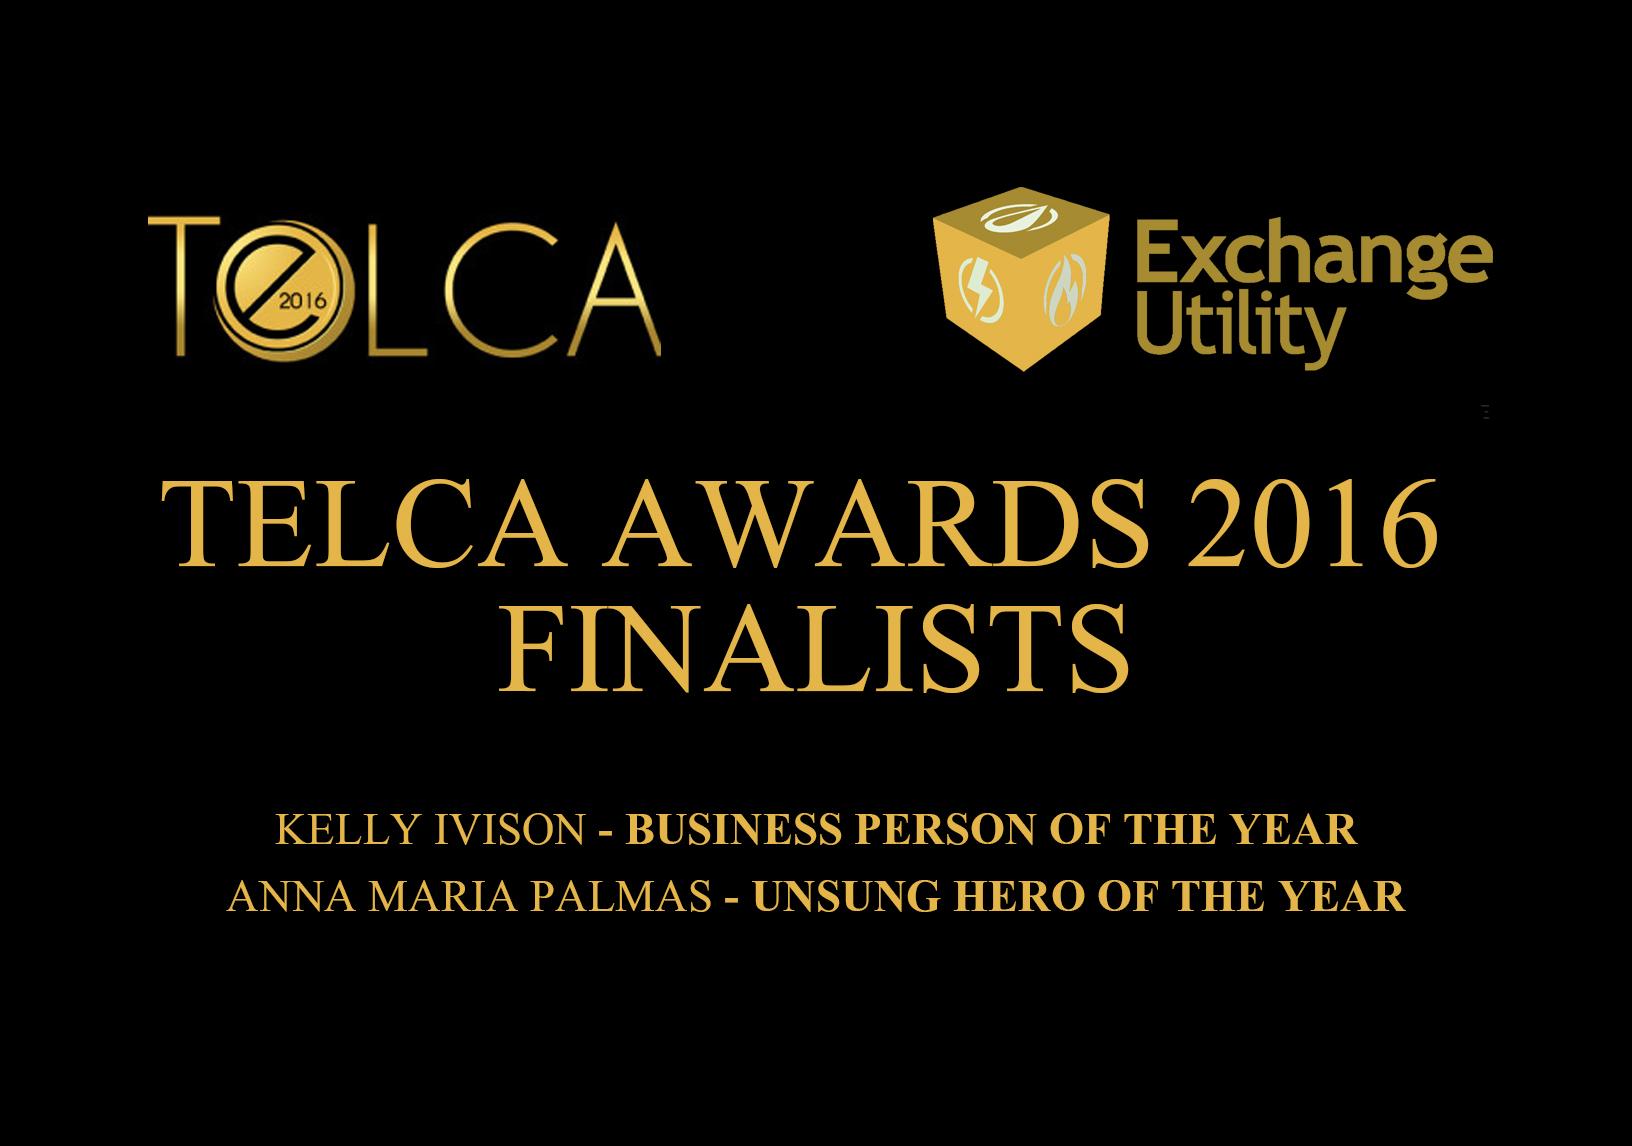 Exchange Utility TELCA Finalists 2016